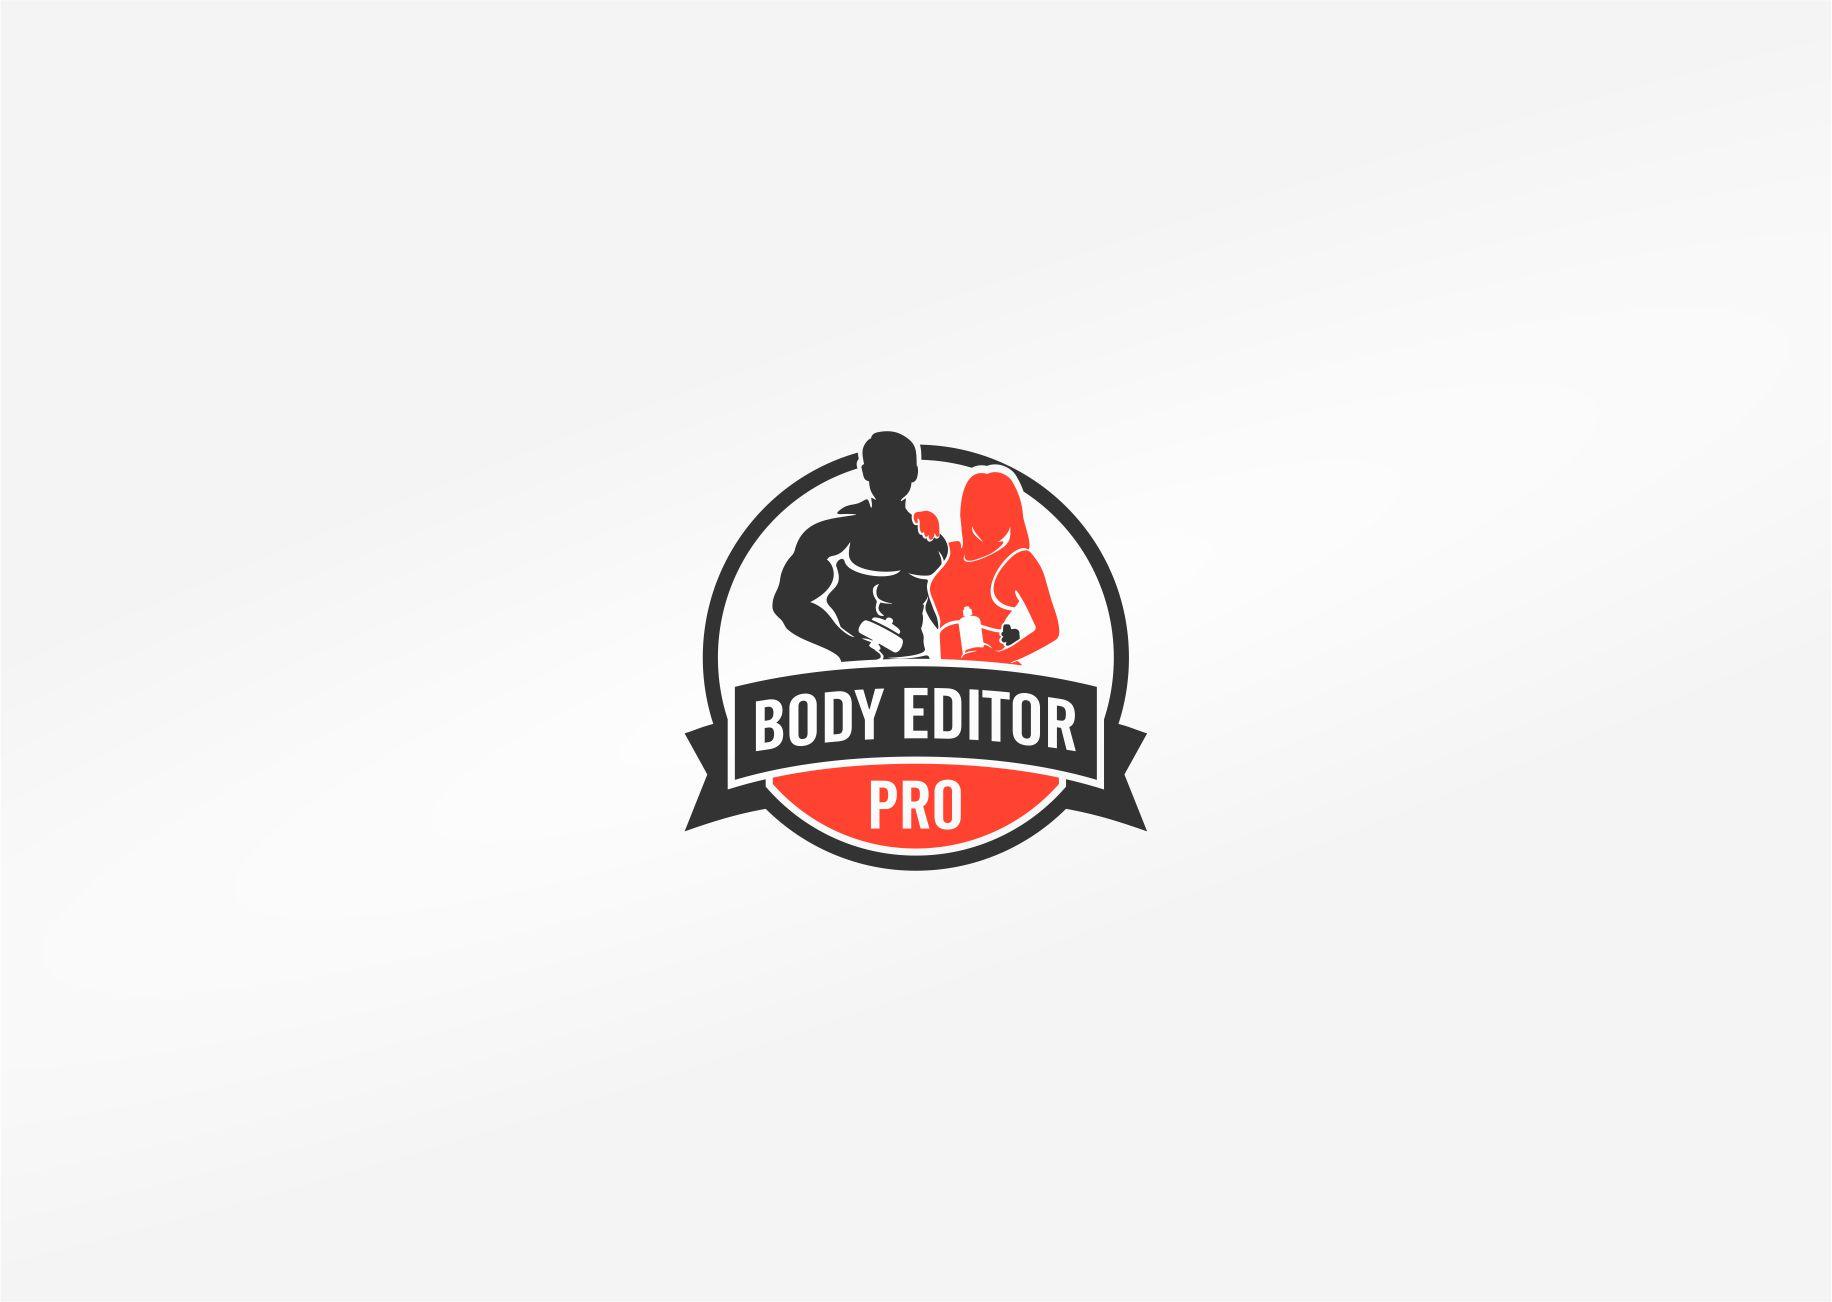 Лого+символ для марки Спортивного питания фото f_152596f480c74991.jpg